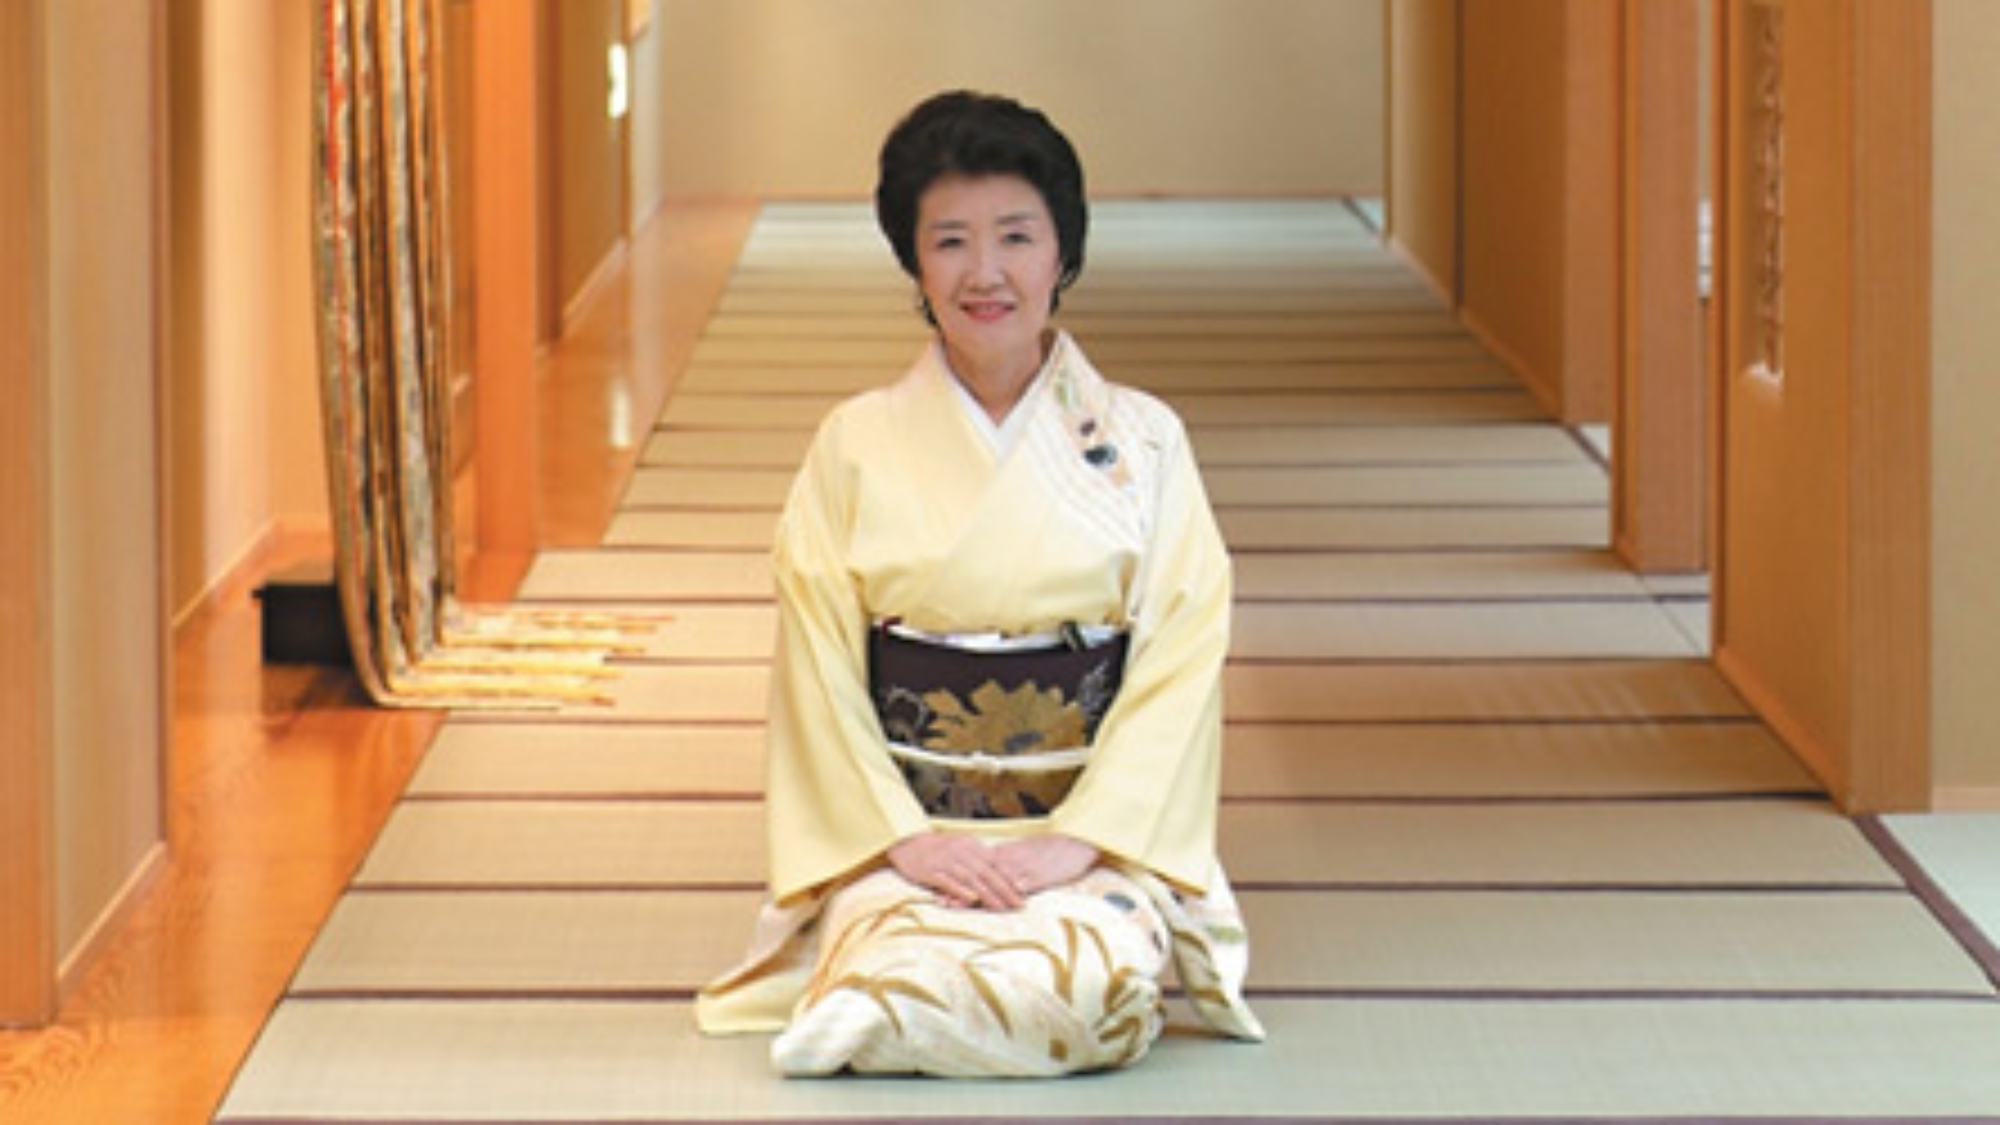 下塌旅館可以感受到古色古香的日本。榻榻米、「布團」(被褥)、浴衣、大浴場…這裏保留着日本人亙古不變的生活方式。毫不造作的關懷、熱情洋溢的服務,從中可以感覺到日本人的待客之道。旅遊日本,不妨一試下塌日式旅館。